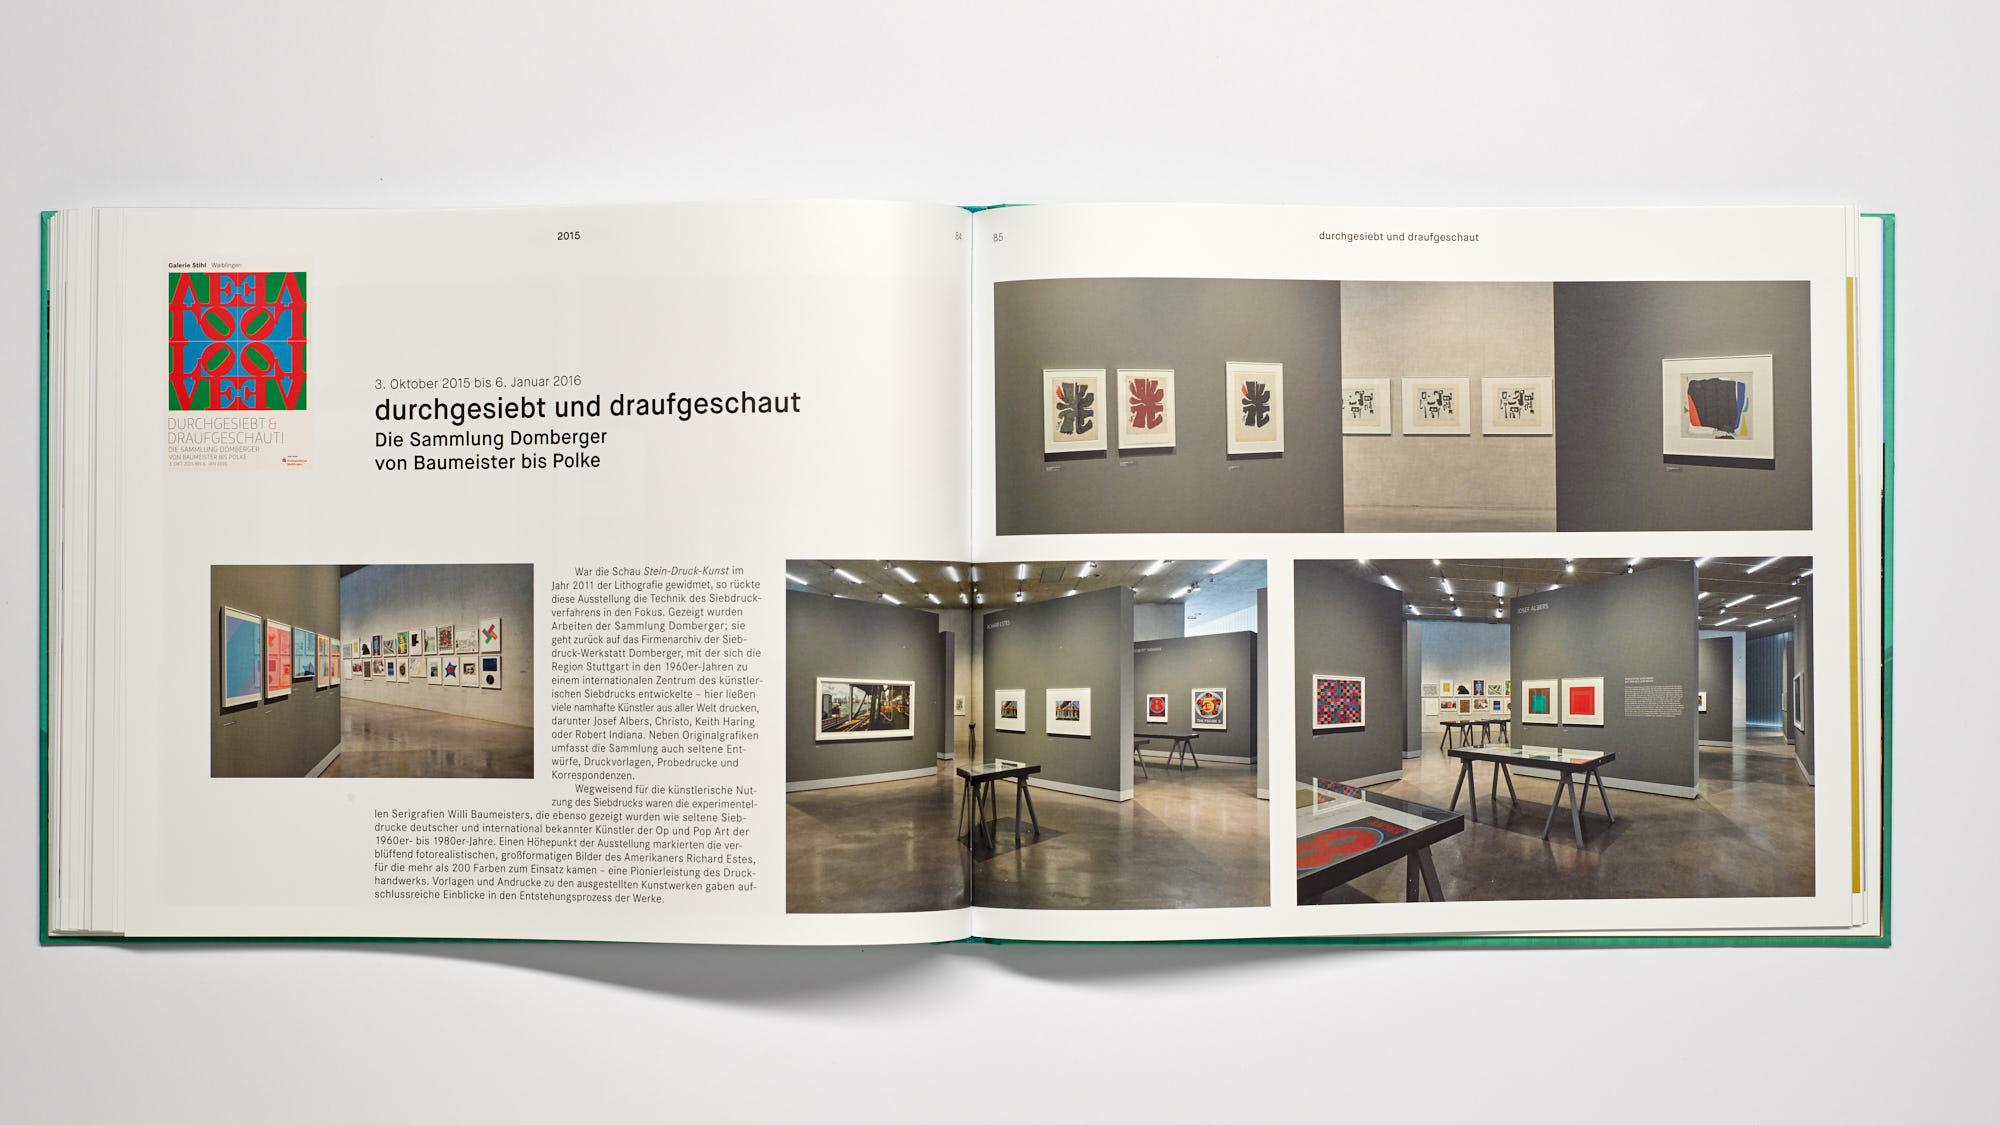 Stihl Galerie WN Siebdruck - 10 Jahre Galerie Stihl Waiblingen